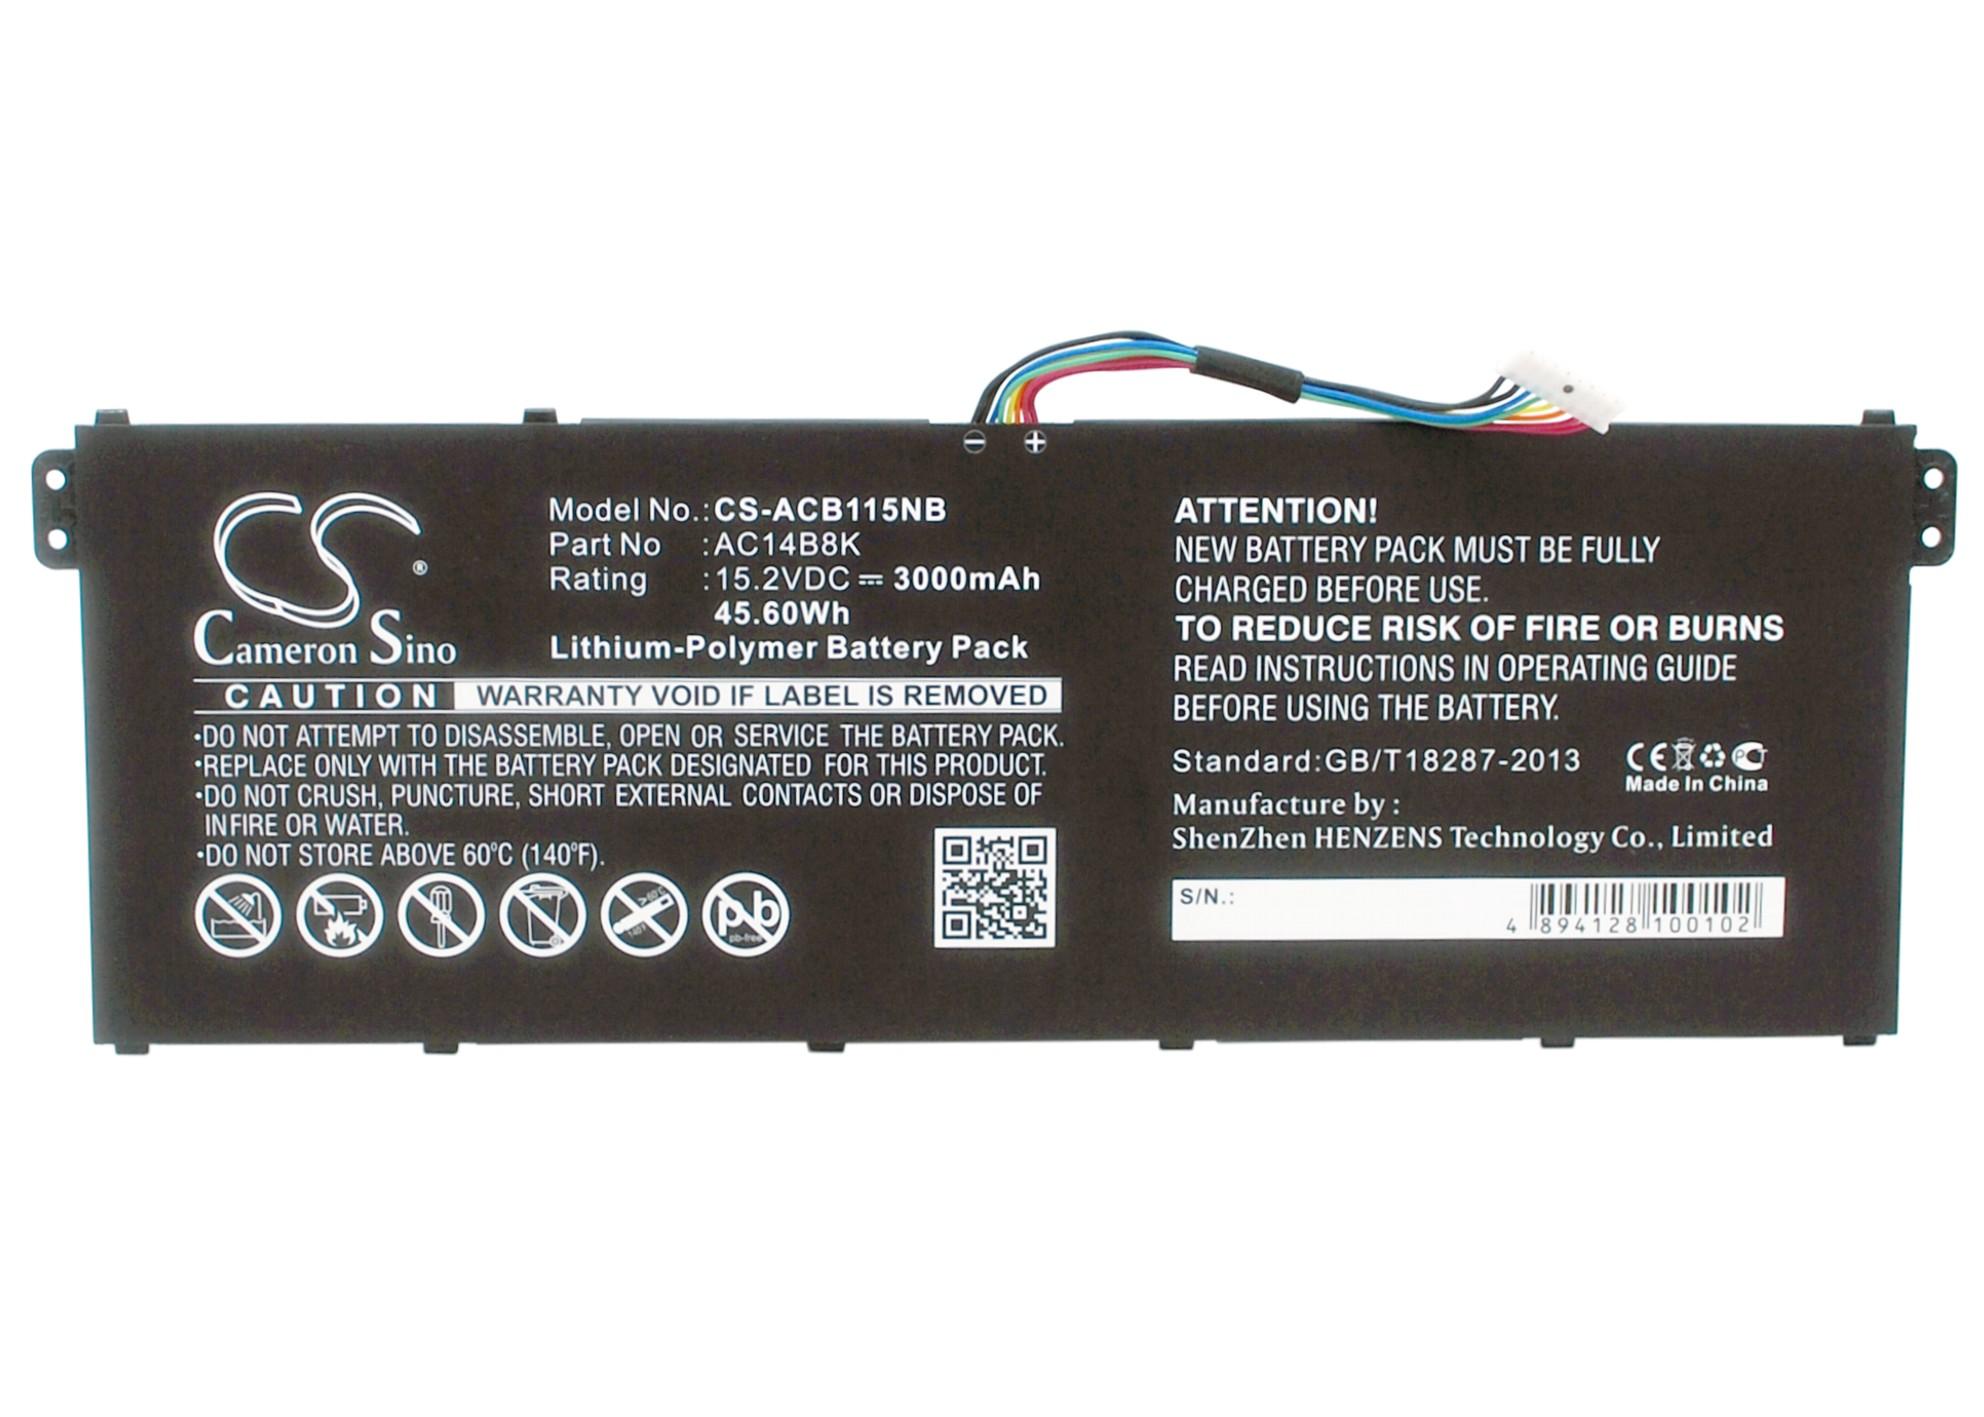 Cameron Sino baterie do notebooků pro ACER Aspire V3-371 15.2V Li-Polymer 3000mAh černá - neoriginální